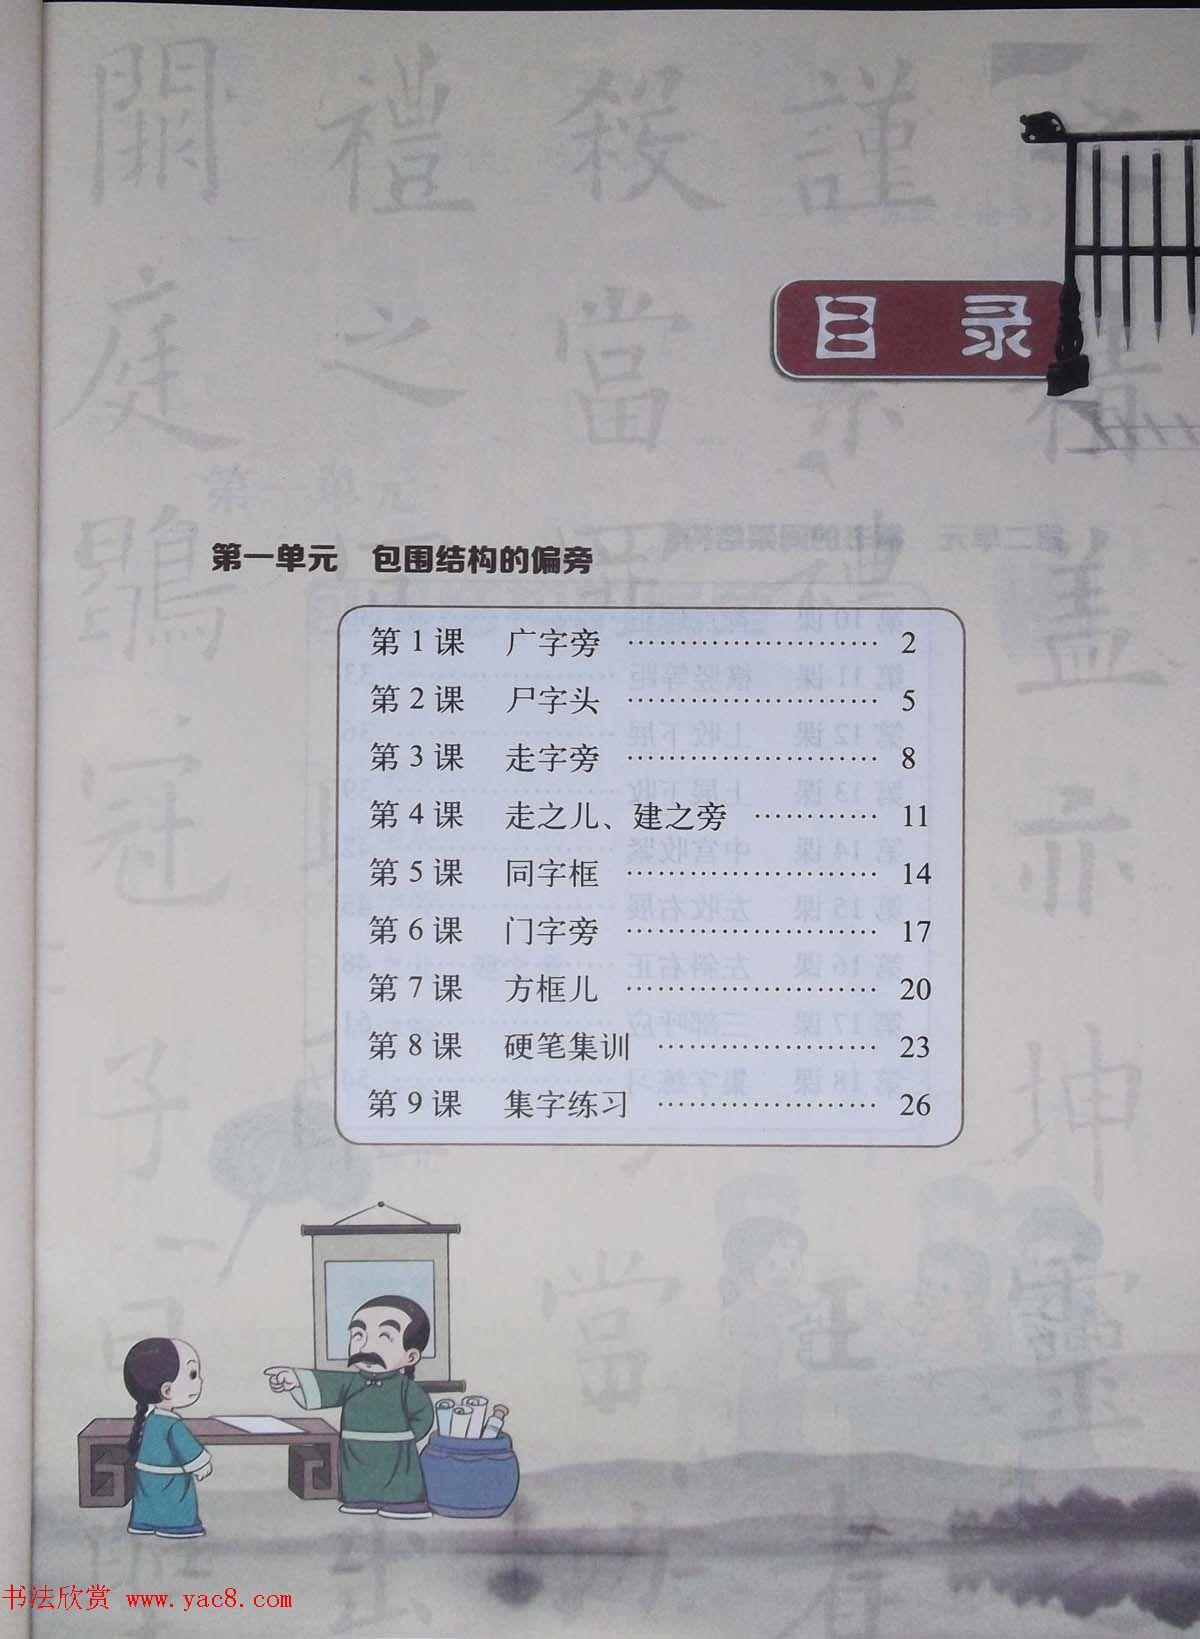 田雪松书法教材《书法练习指导五年级下册》